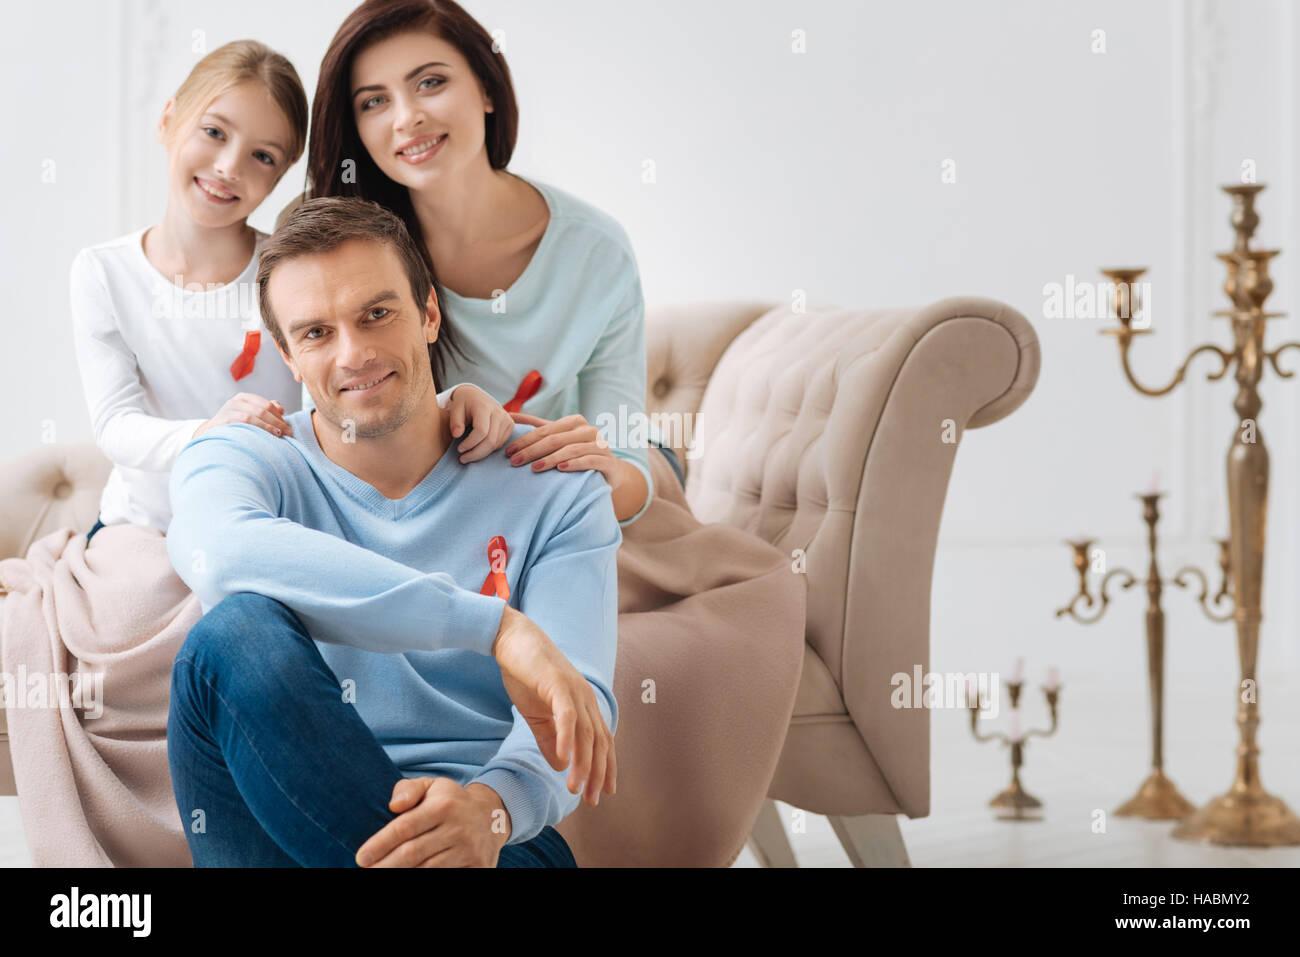 Felice famiglia gioiosa che mostra la loro simpatia per i malati di AIDS Immagini Stock